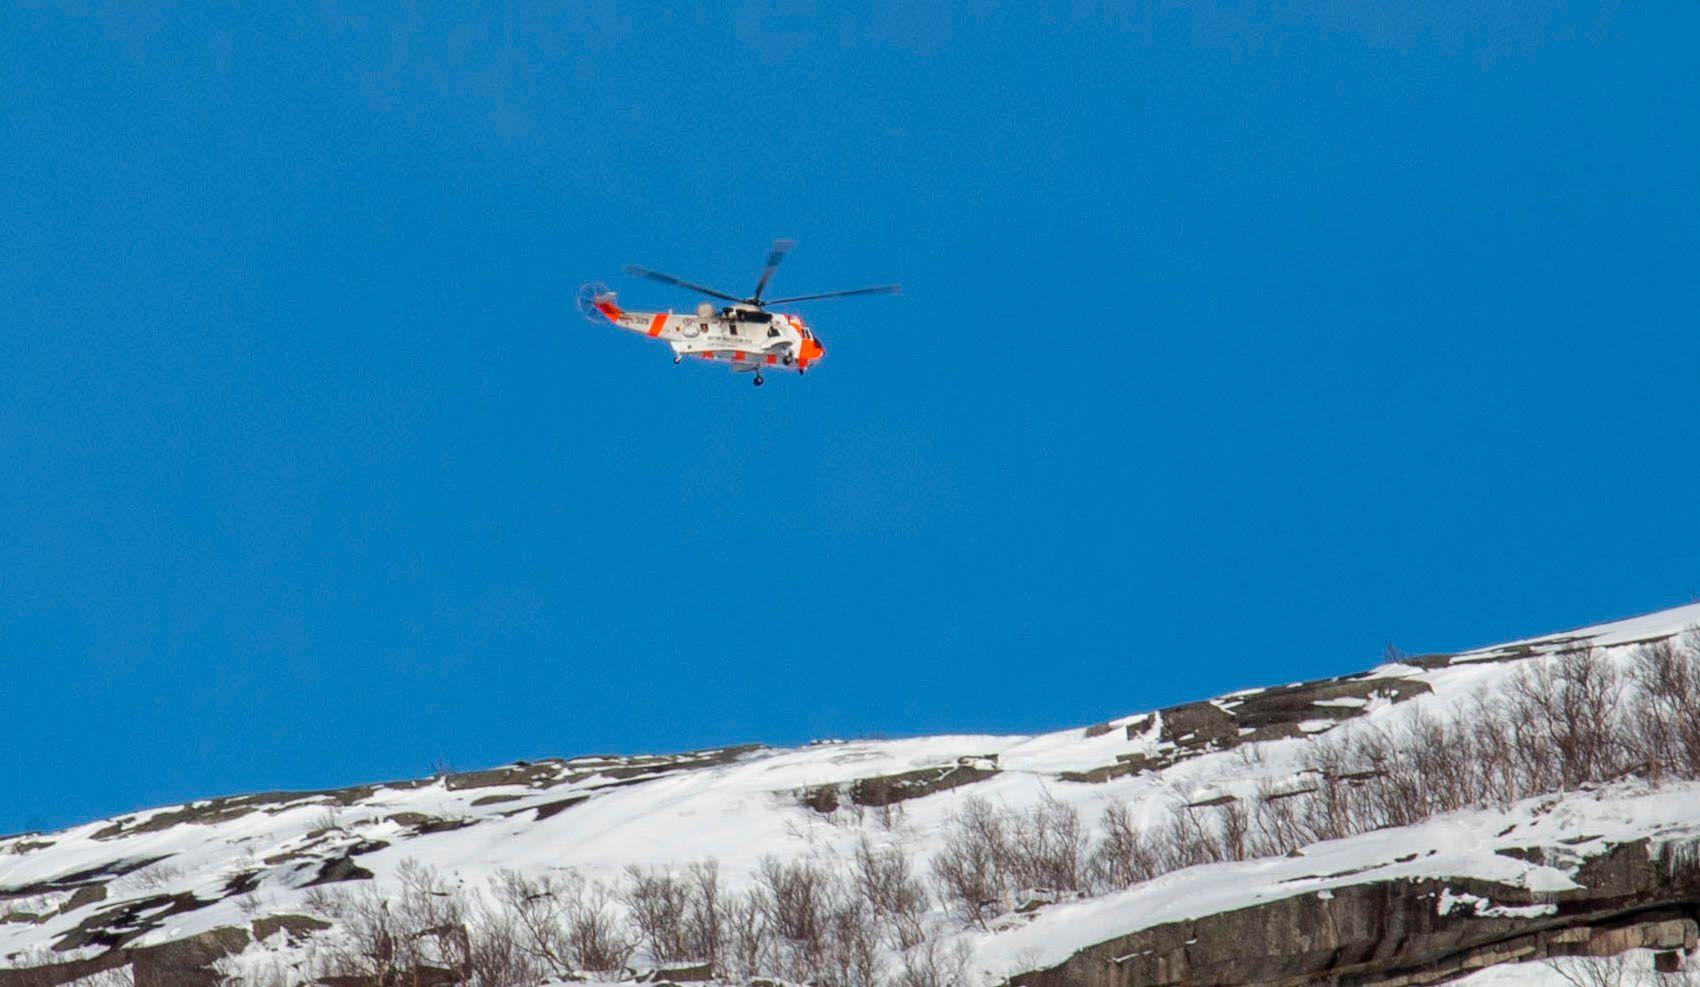 RYKKET UT: SeaKing-helikopter bidro i redningsaksjonen i etterkant av skredet. Det var ved hjelp av recco-søkeren om bord i en luftambulanse at de omkomne ble funnet.